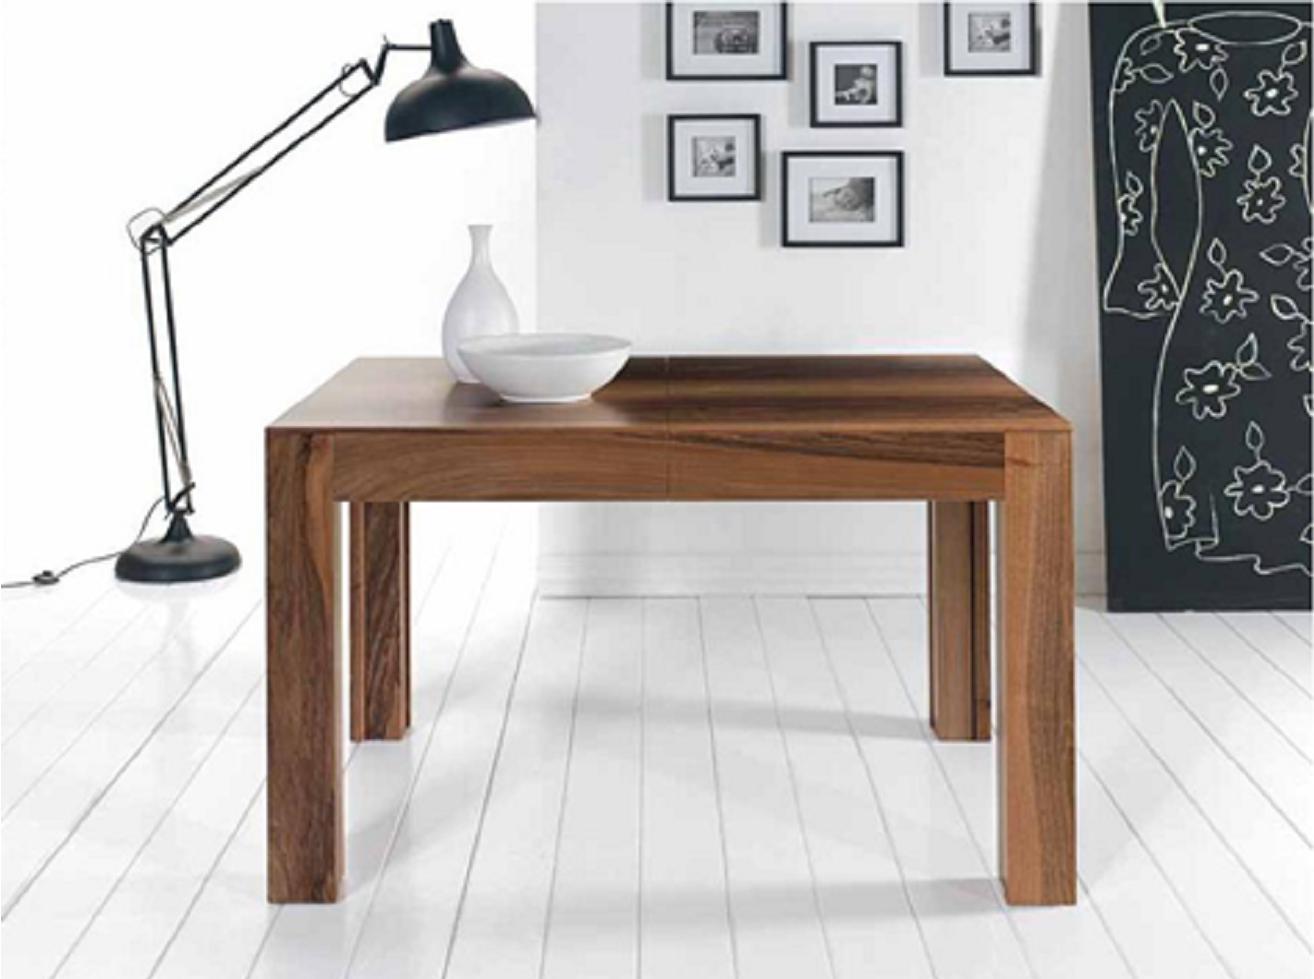 LA TAVOLA :. Arredamenti Tavoli e Sedie Mobili in legno Massello ...